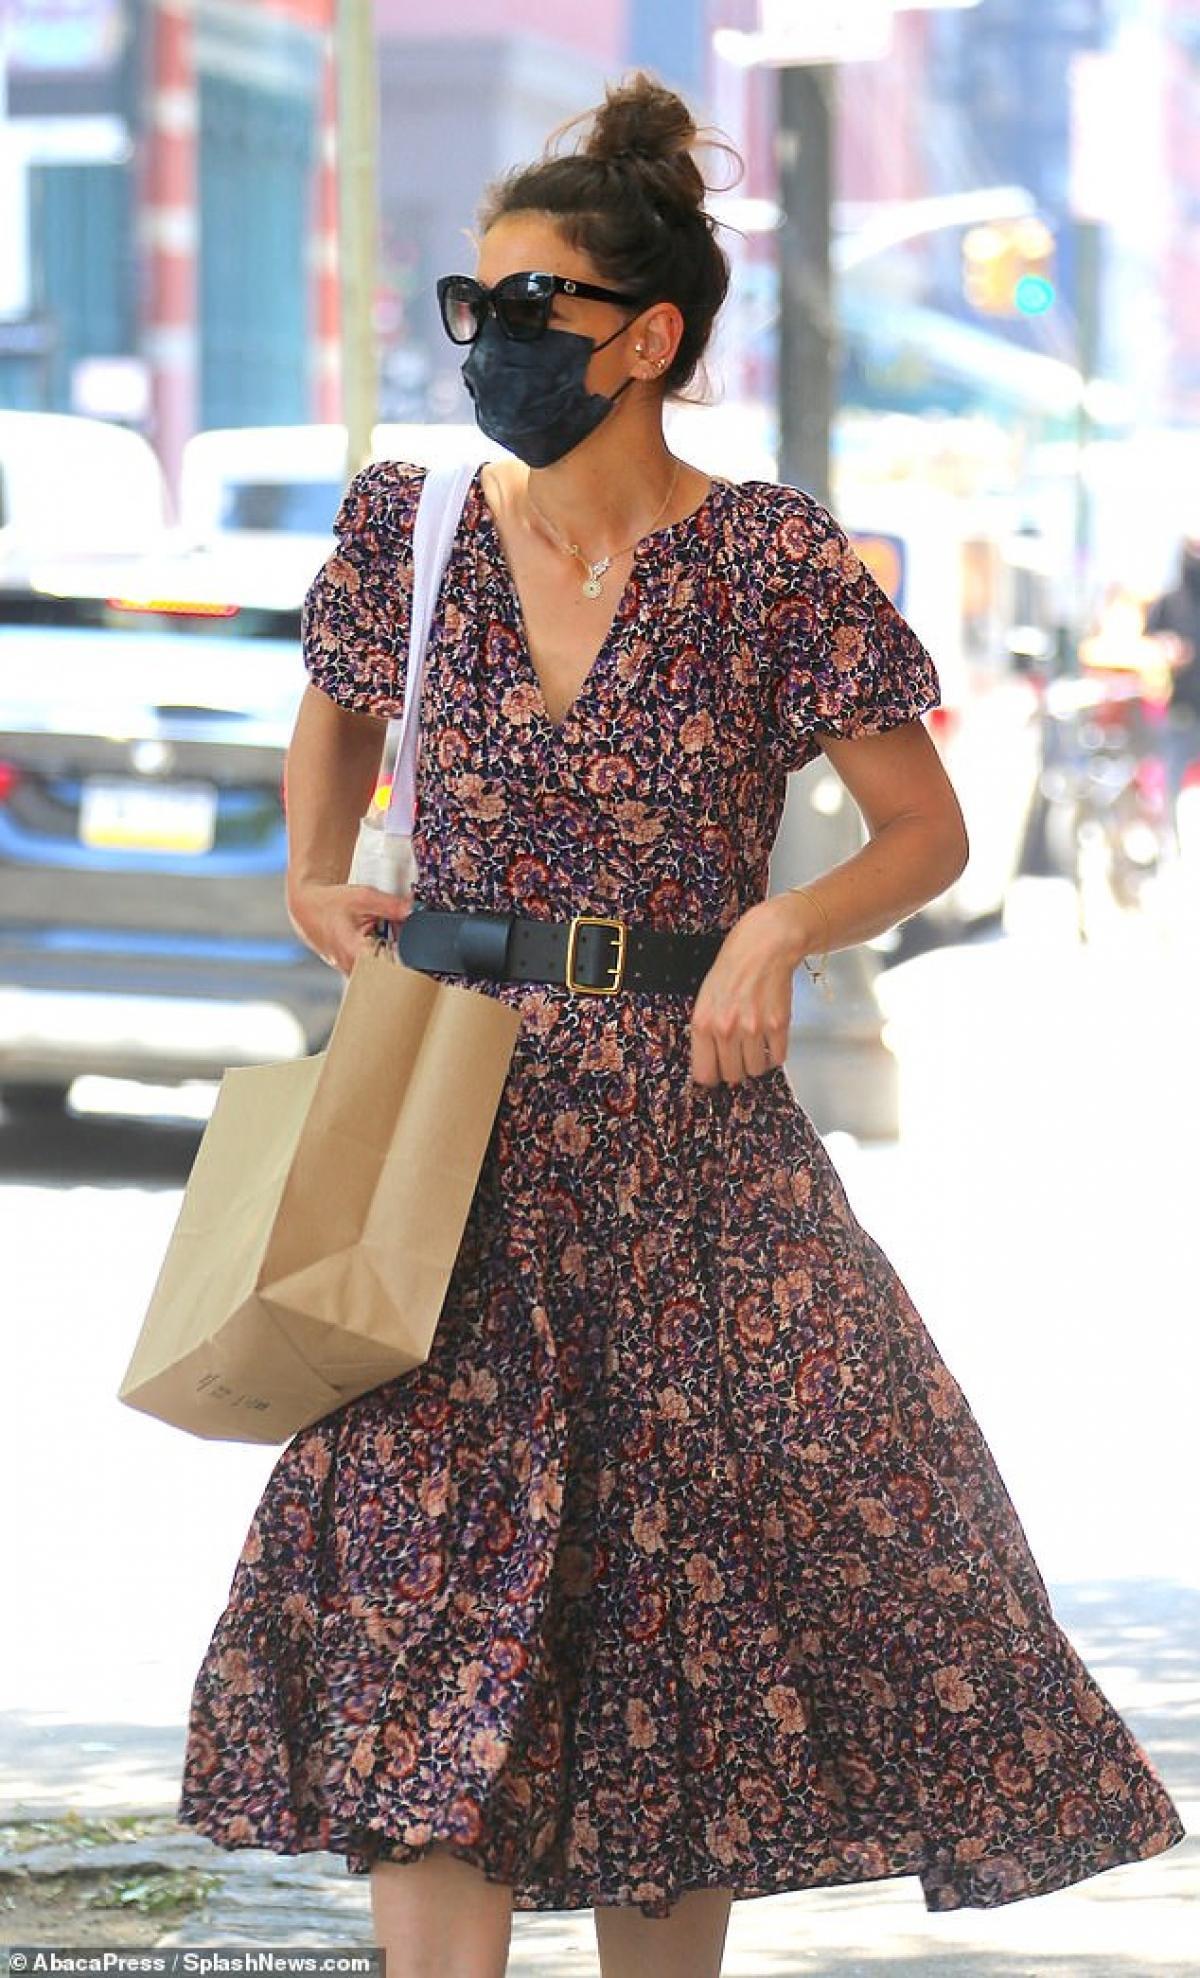 Katie Holmes điệu đà ra phố sau khi tình cũ bị bắt gặp đi chơi cùng người đẹp Zoe Kravitz Ảnh 1